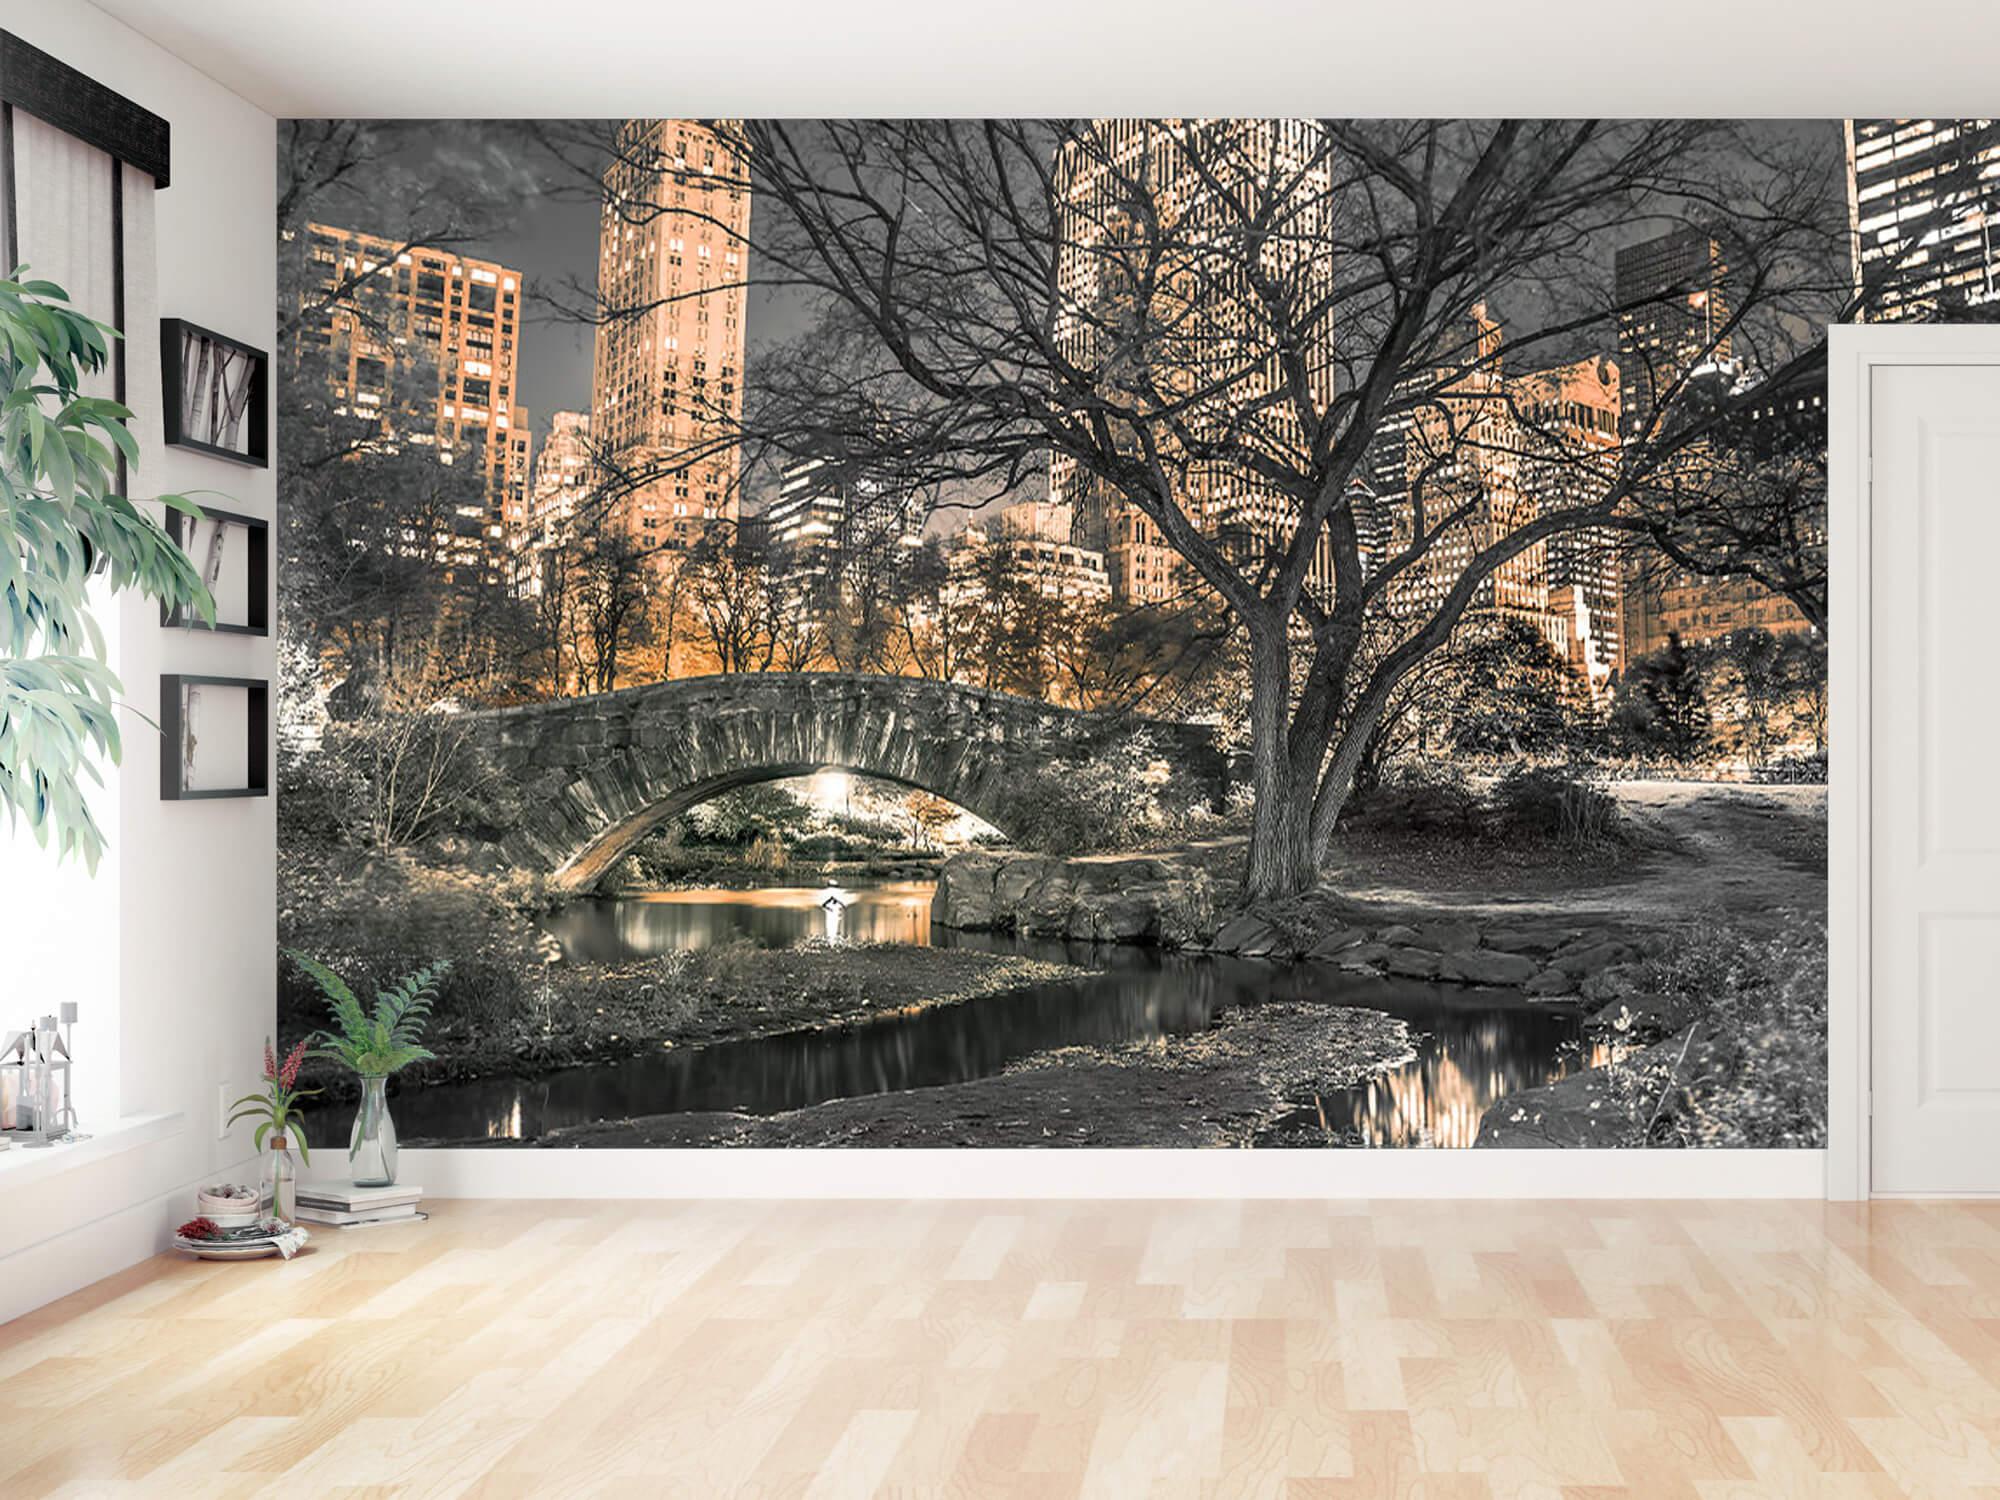 Central park en soirée 6